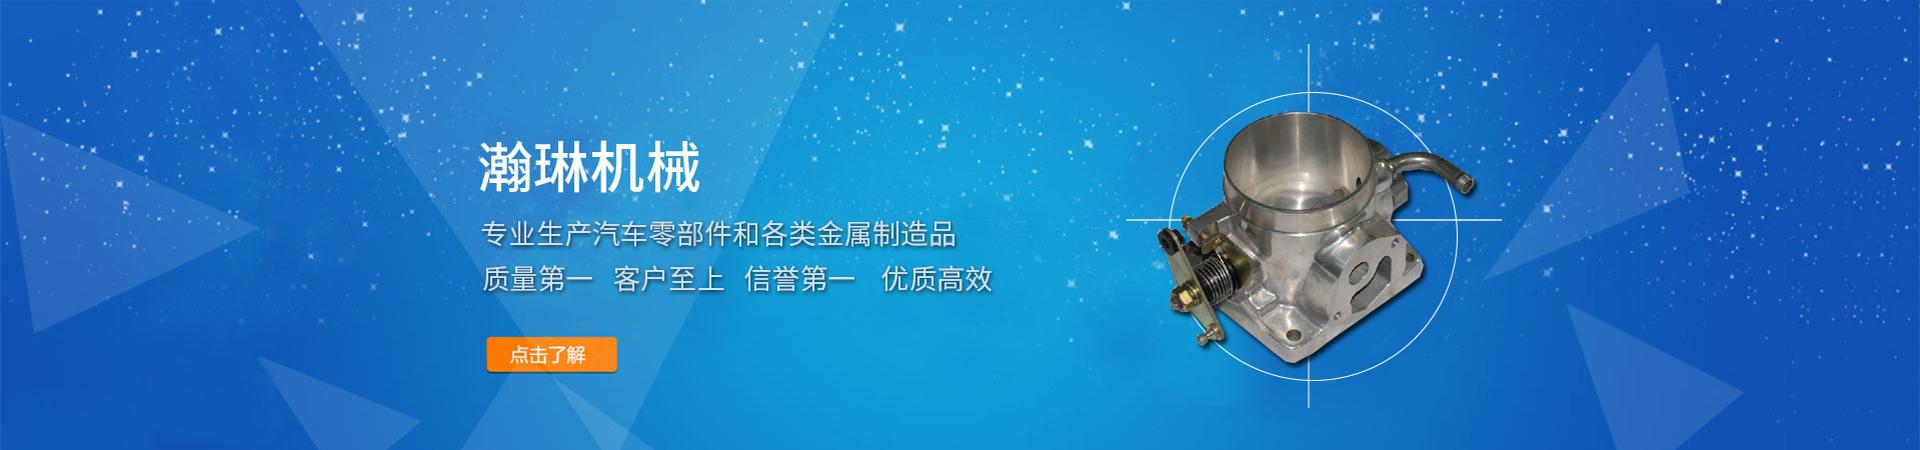 郑州瀚琳机械制造有限公司